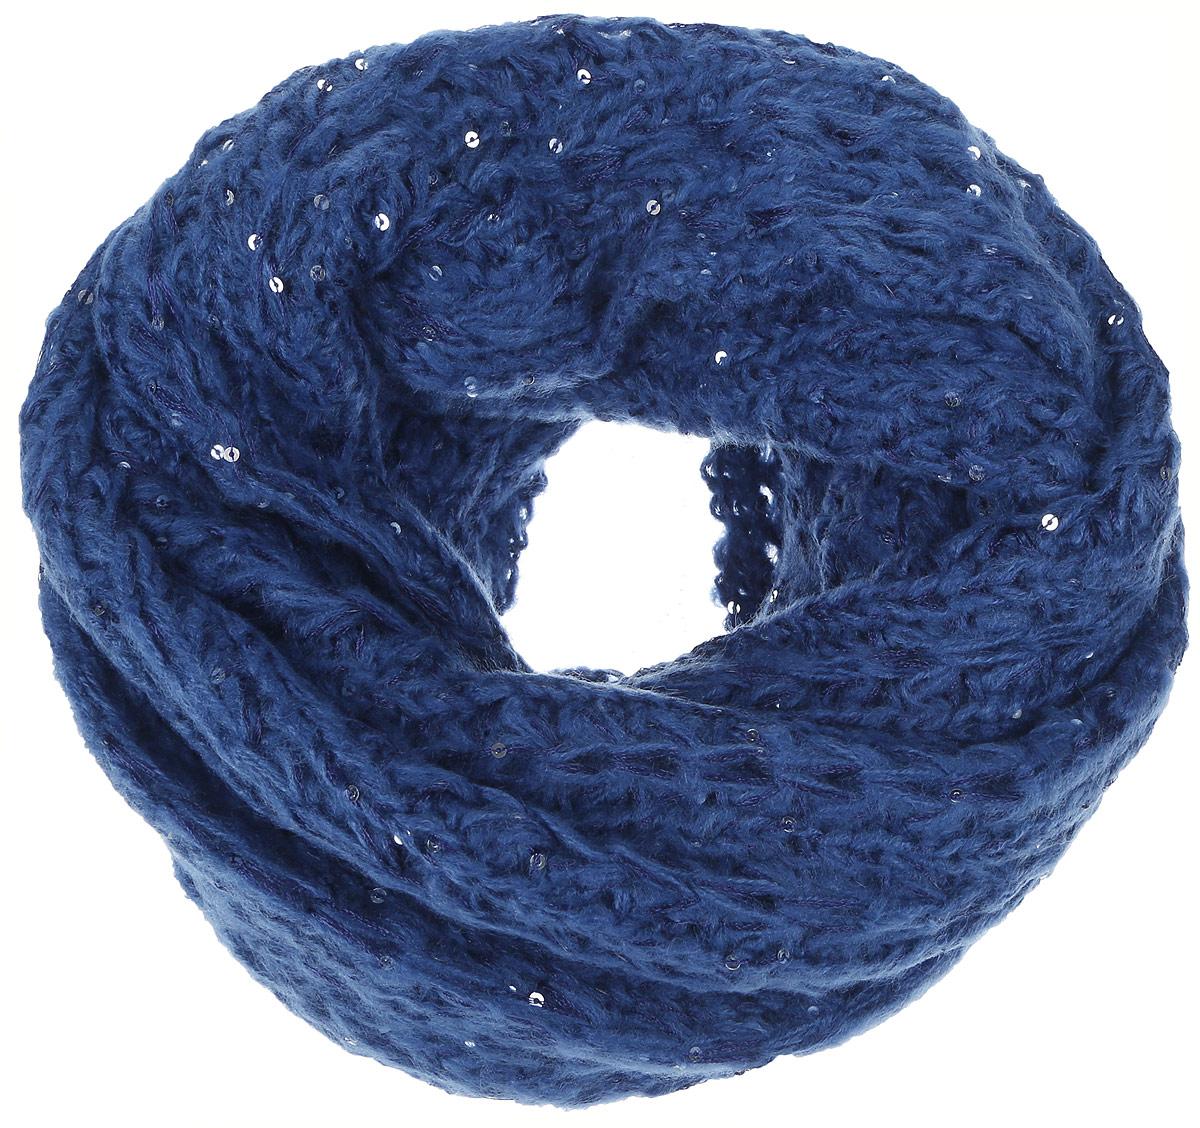 Снуд-хомут женский Sela, цвет: синий. SC-142/445-6302. Размер 100 см х 50 смSC-142/445-6302Стильный снуд-хомут Sela, выполненный из акрила и полиэстера, создан подчеркнуть ваш неординарный вкус и согреть вас в прохладное время года.Снуд-хомут можно носить на голове, на шее и груди. Высокое качество материала максимально сохраняет тепло и обеспечивает удобную посадку. Модель отличается невероятной легкостью и мягкостью. Снуд-хомут украшен пайетками.Этот модный аксессуар гармонично дополнит образ современной женщины, которая стремится всегда оставаться стильной и элегантной.